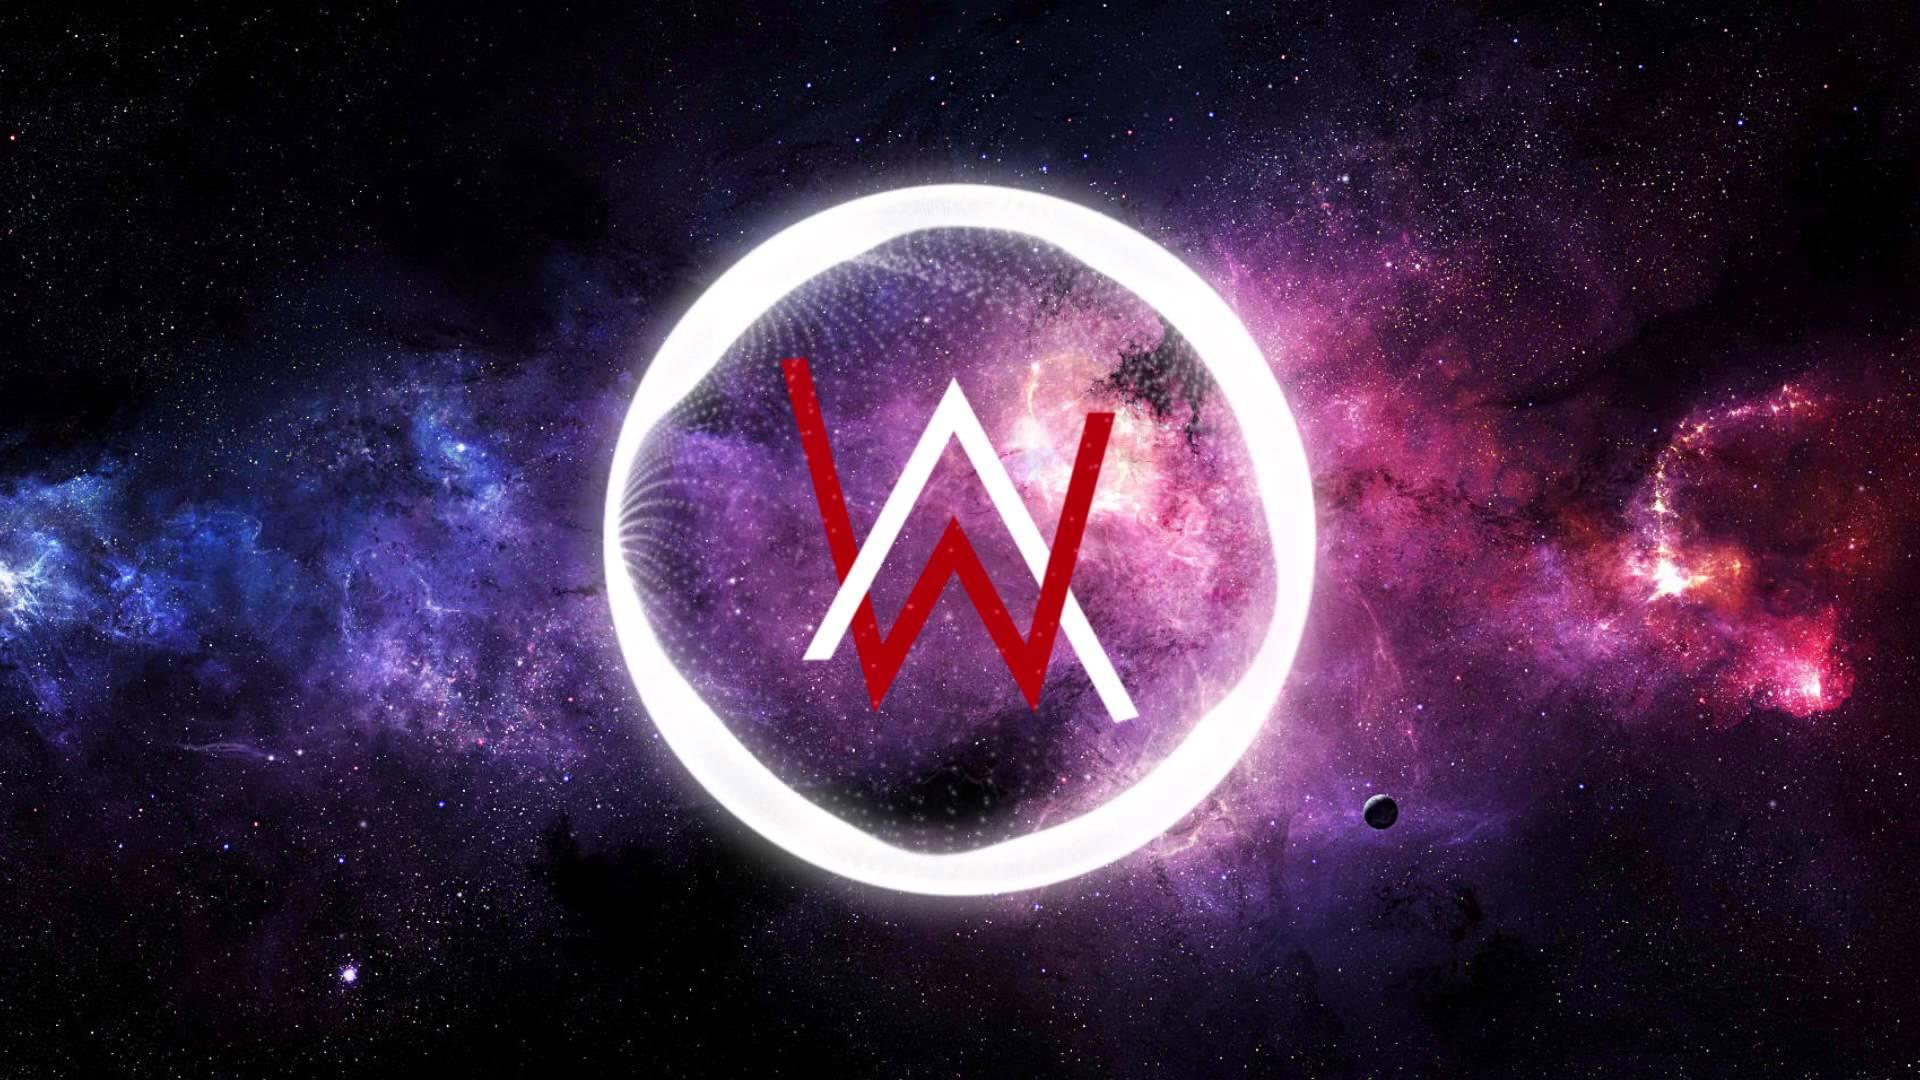 MUUSIKAVIDEO: Alan Walker - Force / Lugu, mida ilmselt paljud kuulnud pole